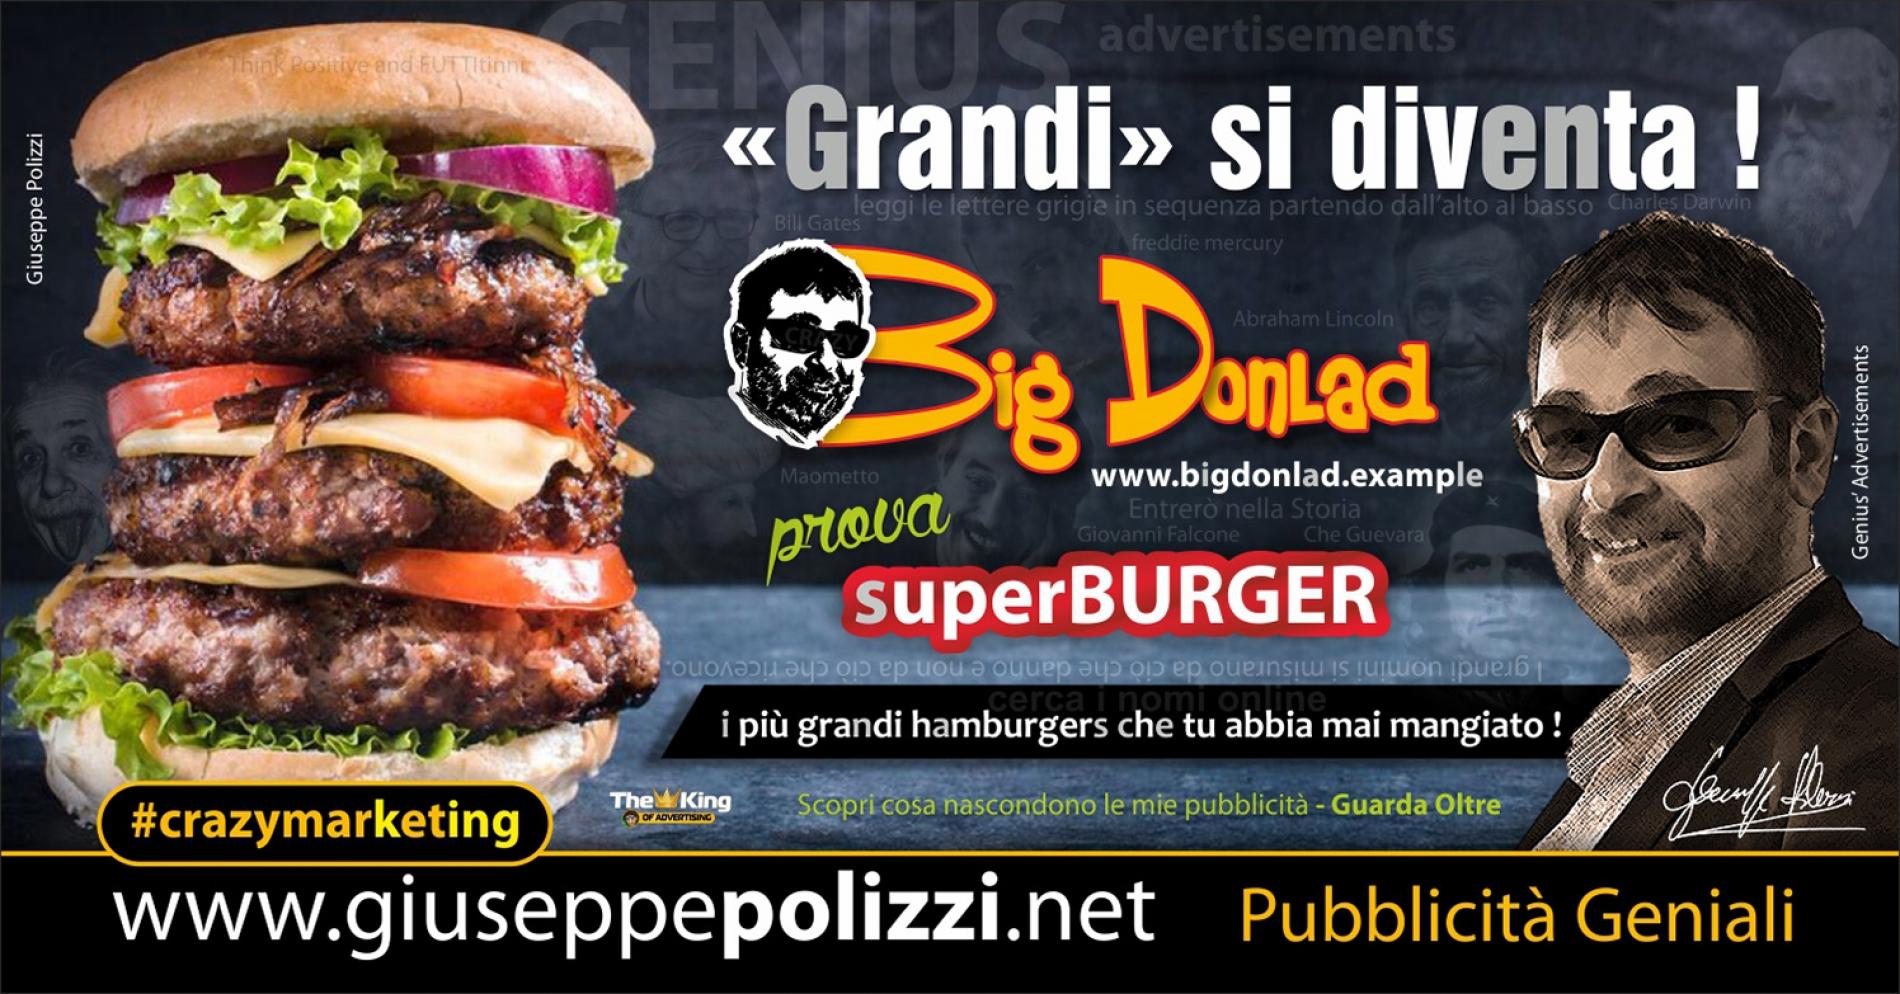 giuseppe Polizzi crazymarketing Grandi si diventa  pubblicità geniali